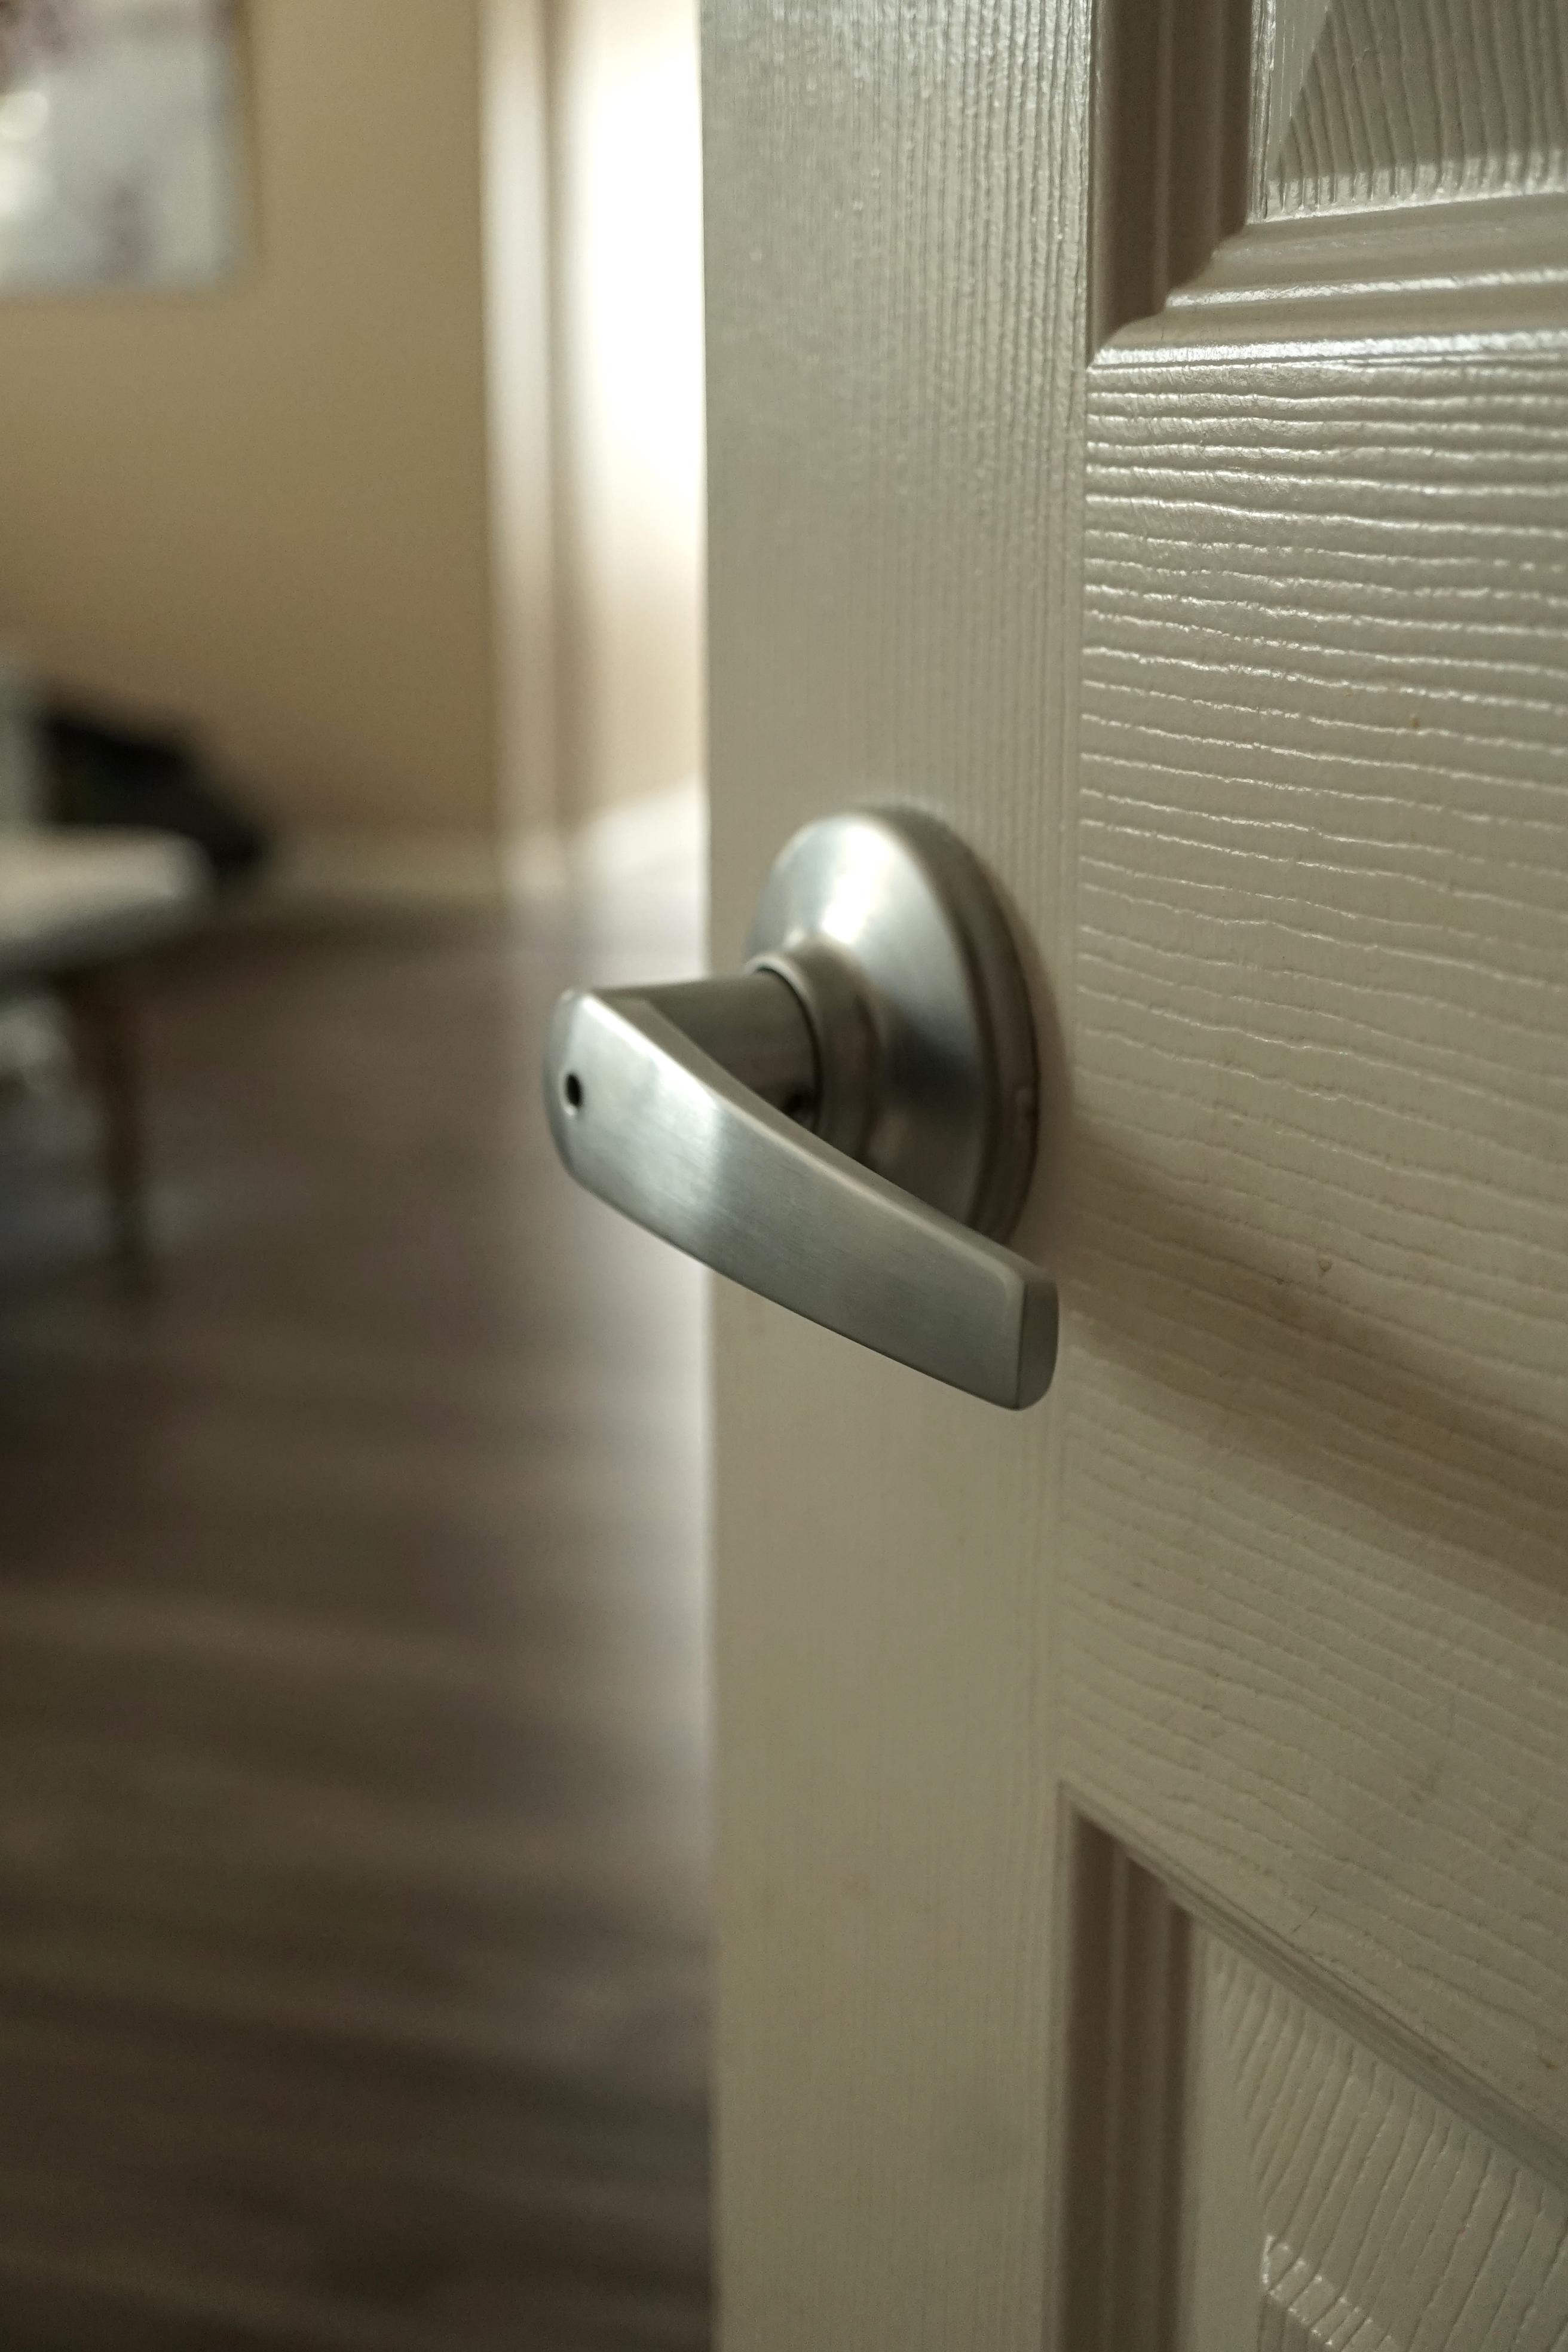 How to Unlock a Bedroom Door  Hunker